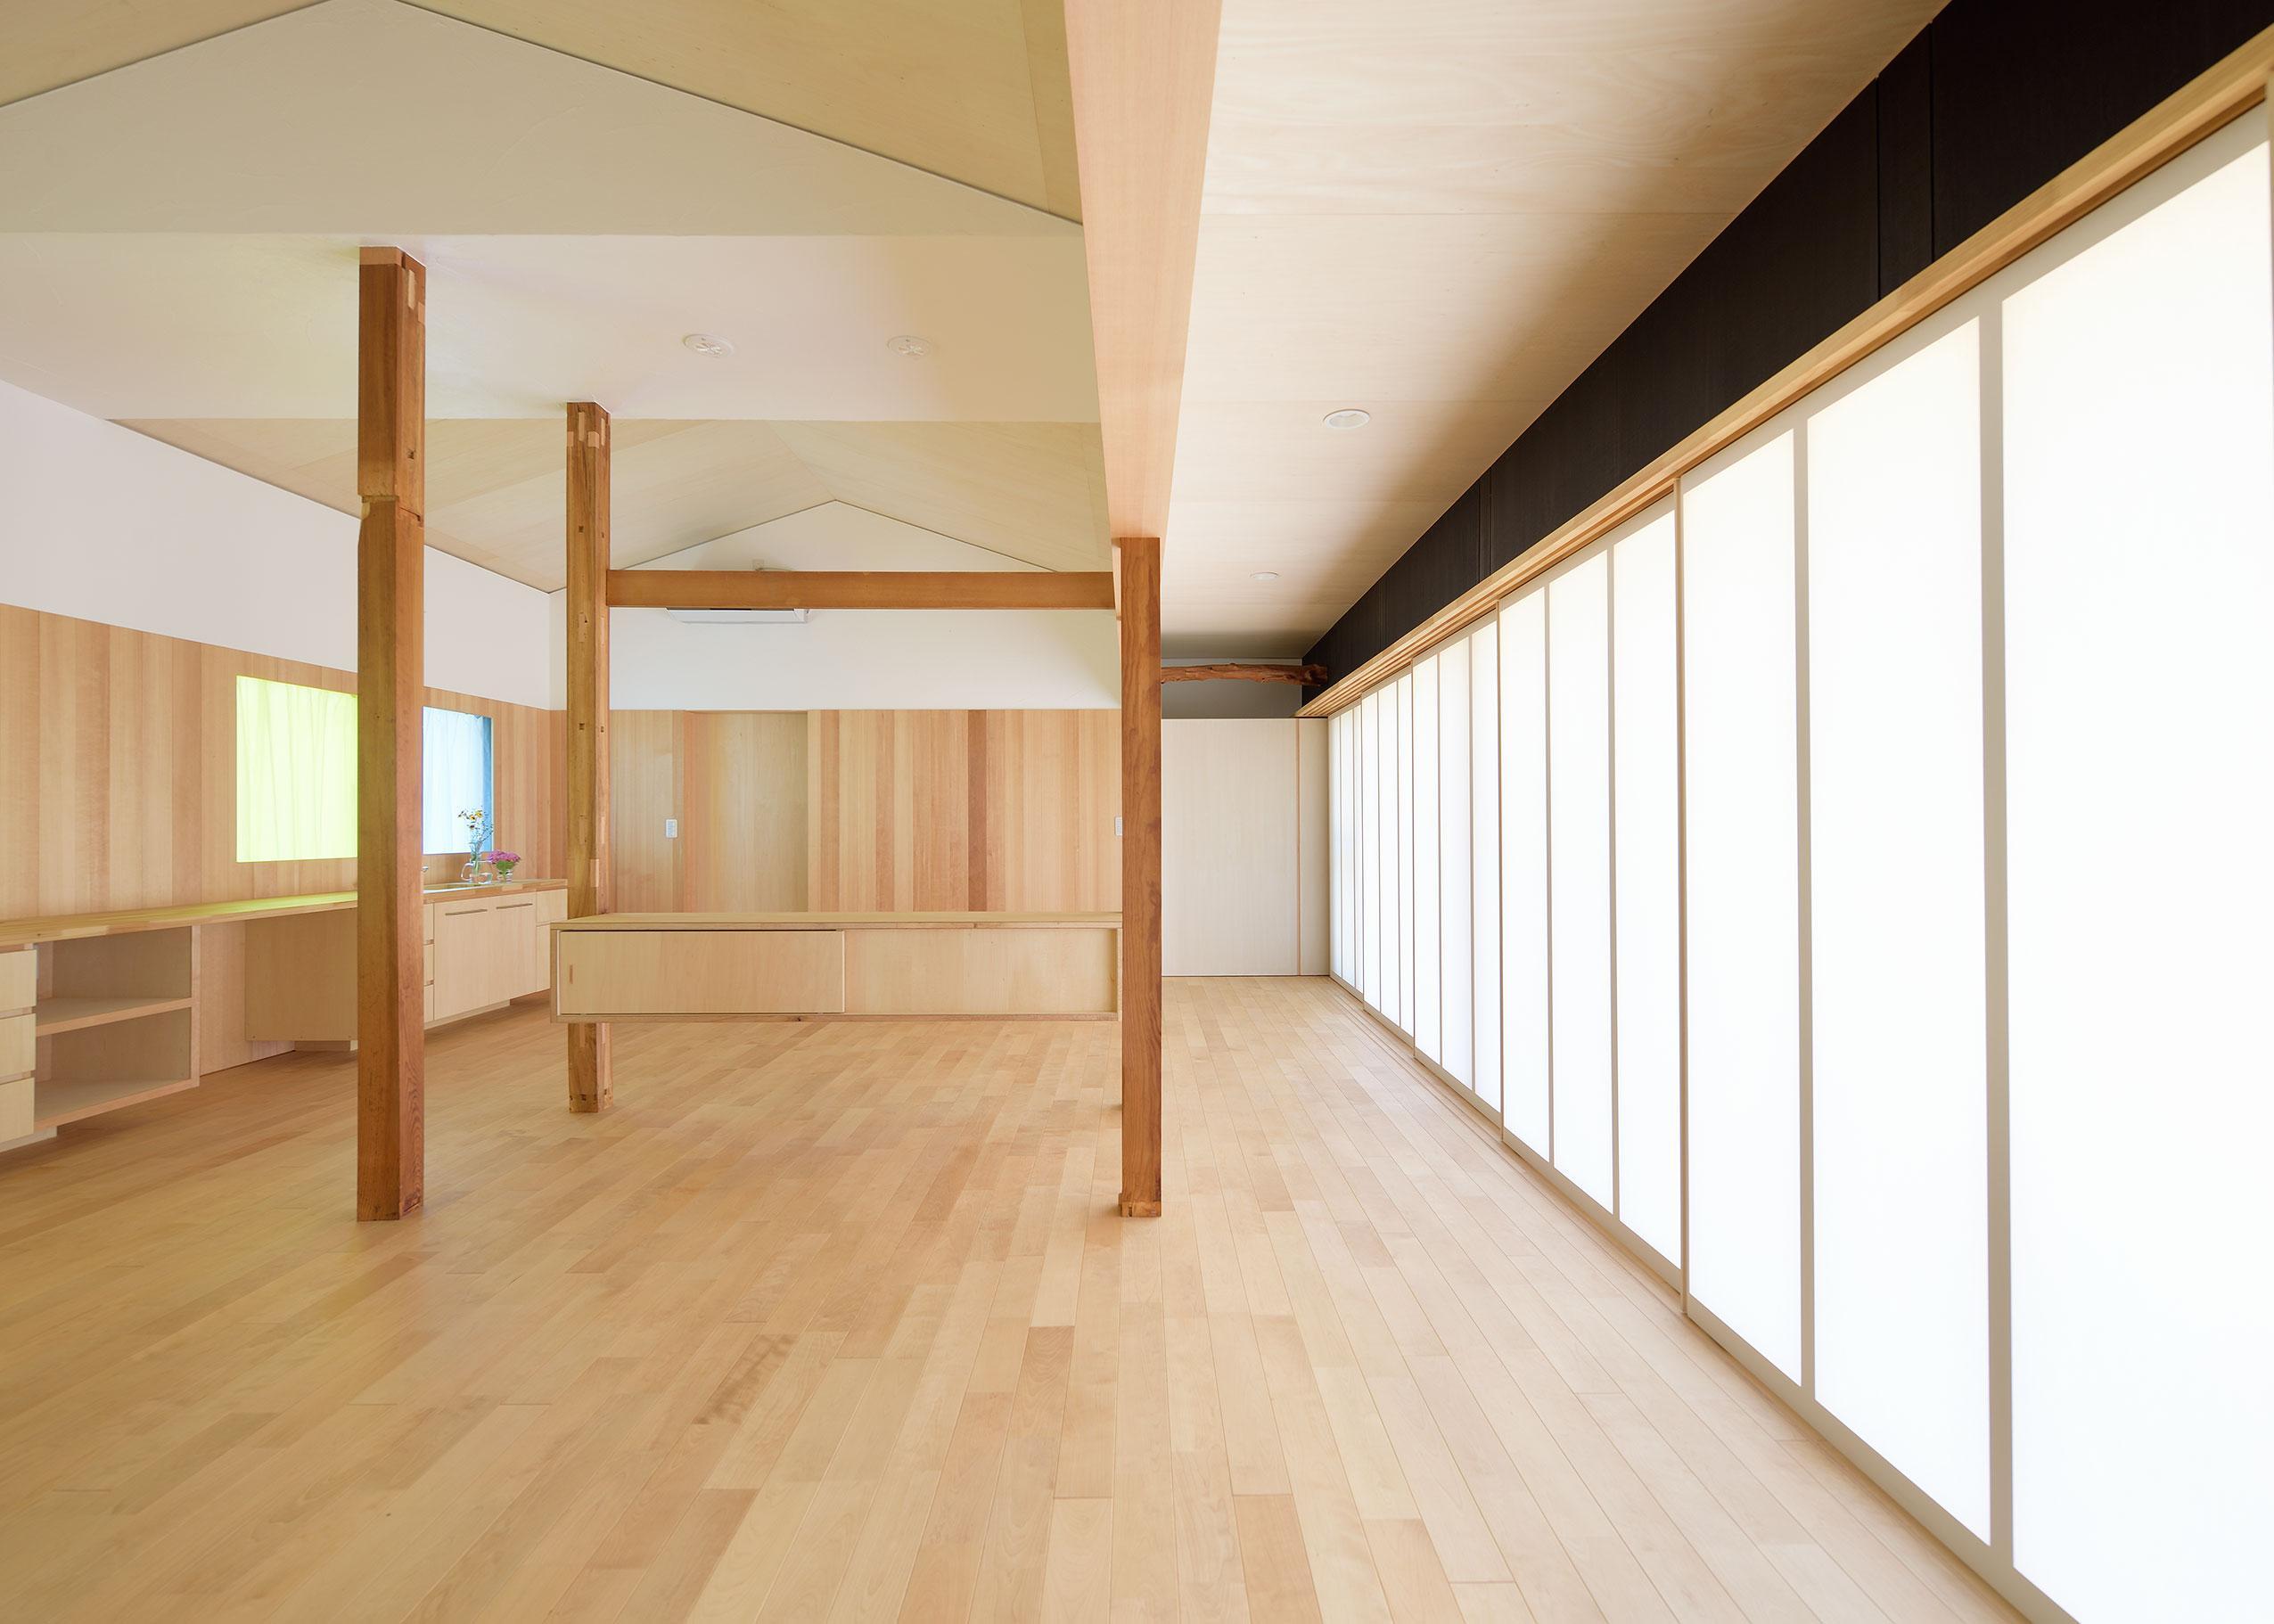 稲美町の離れ DETACHED ROOM in Inamiの写真 リビング-closed